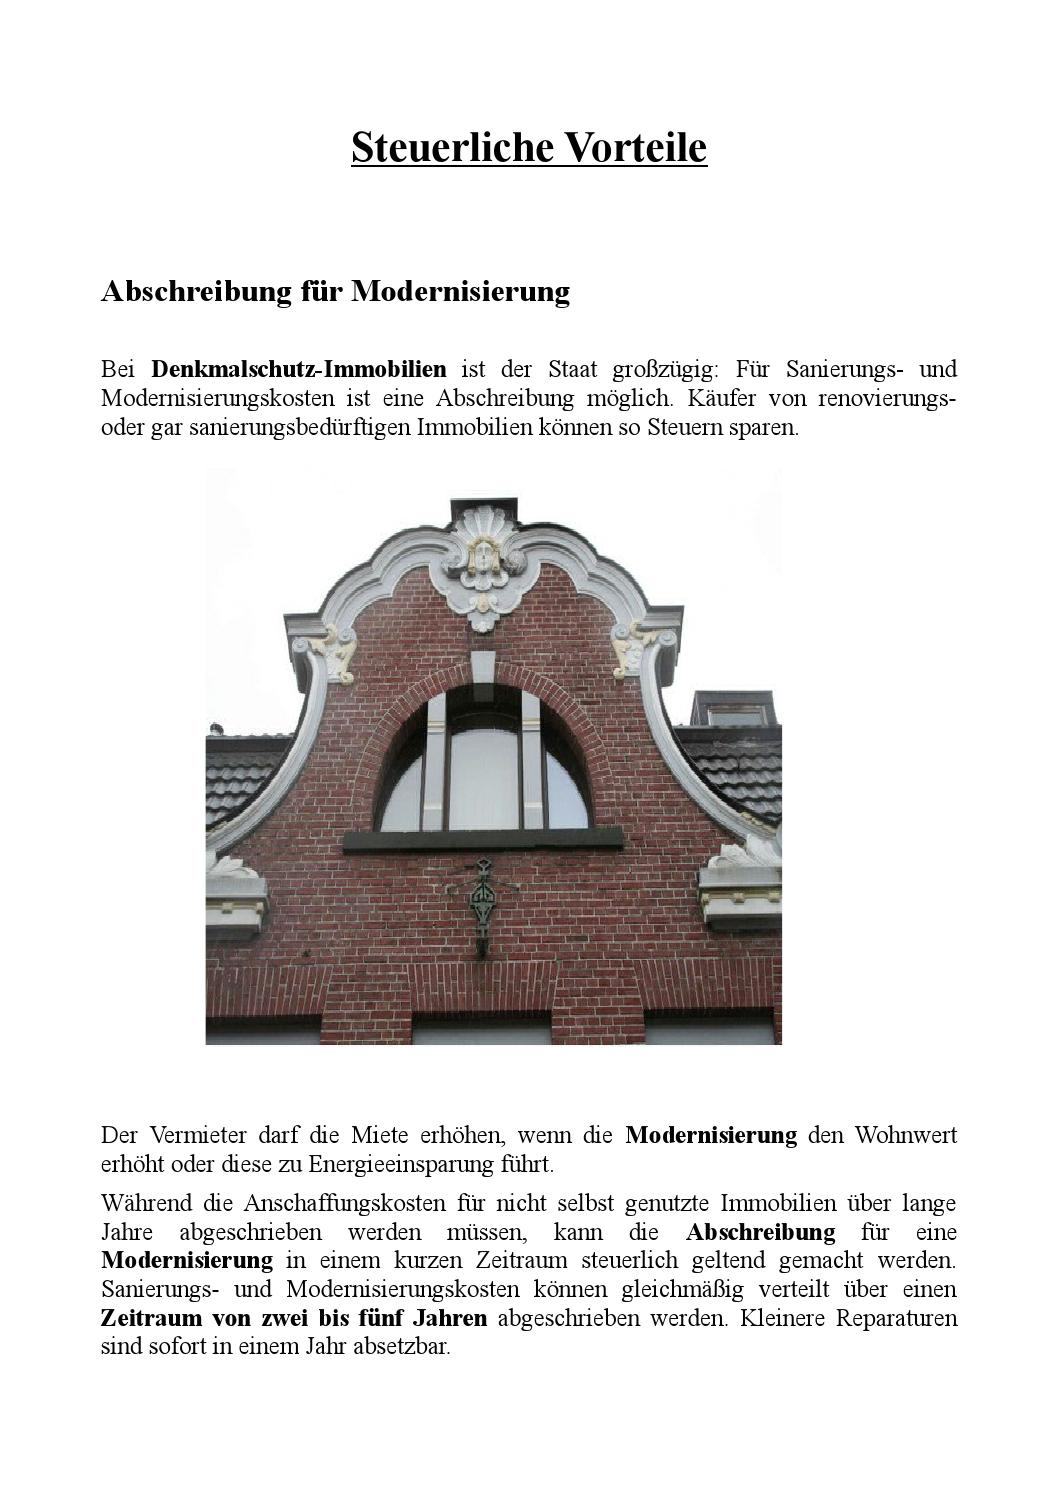 Steuern Sparen Durch Immobilien By Rainer Erhard Plinge Issuu